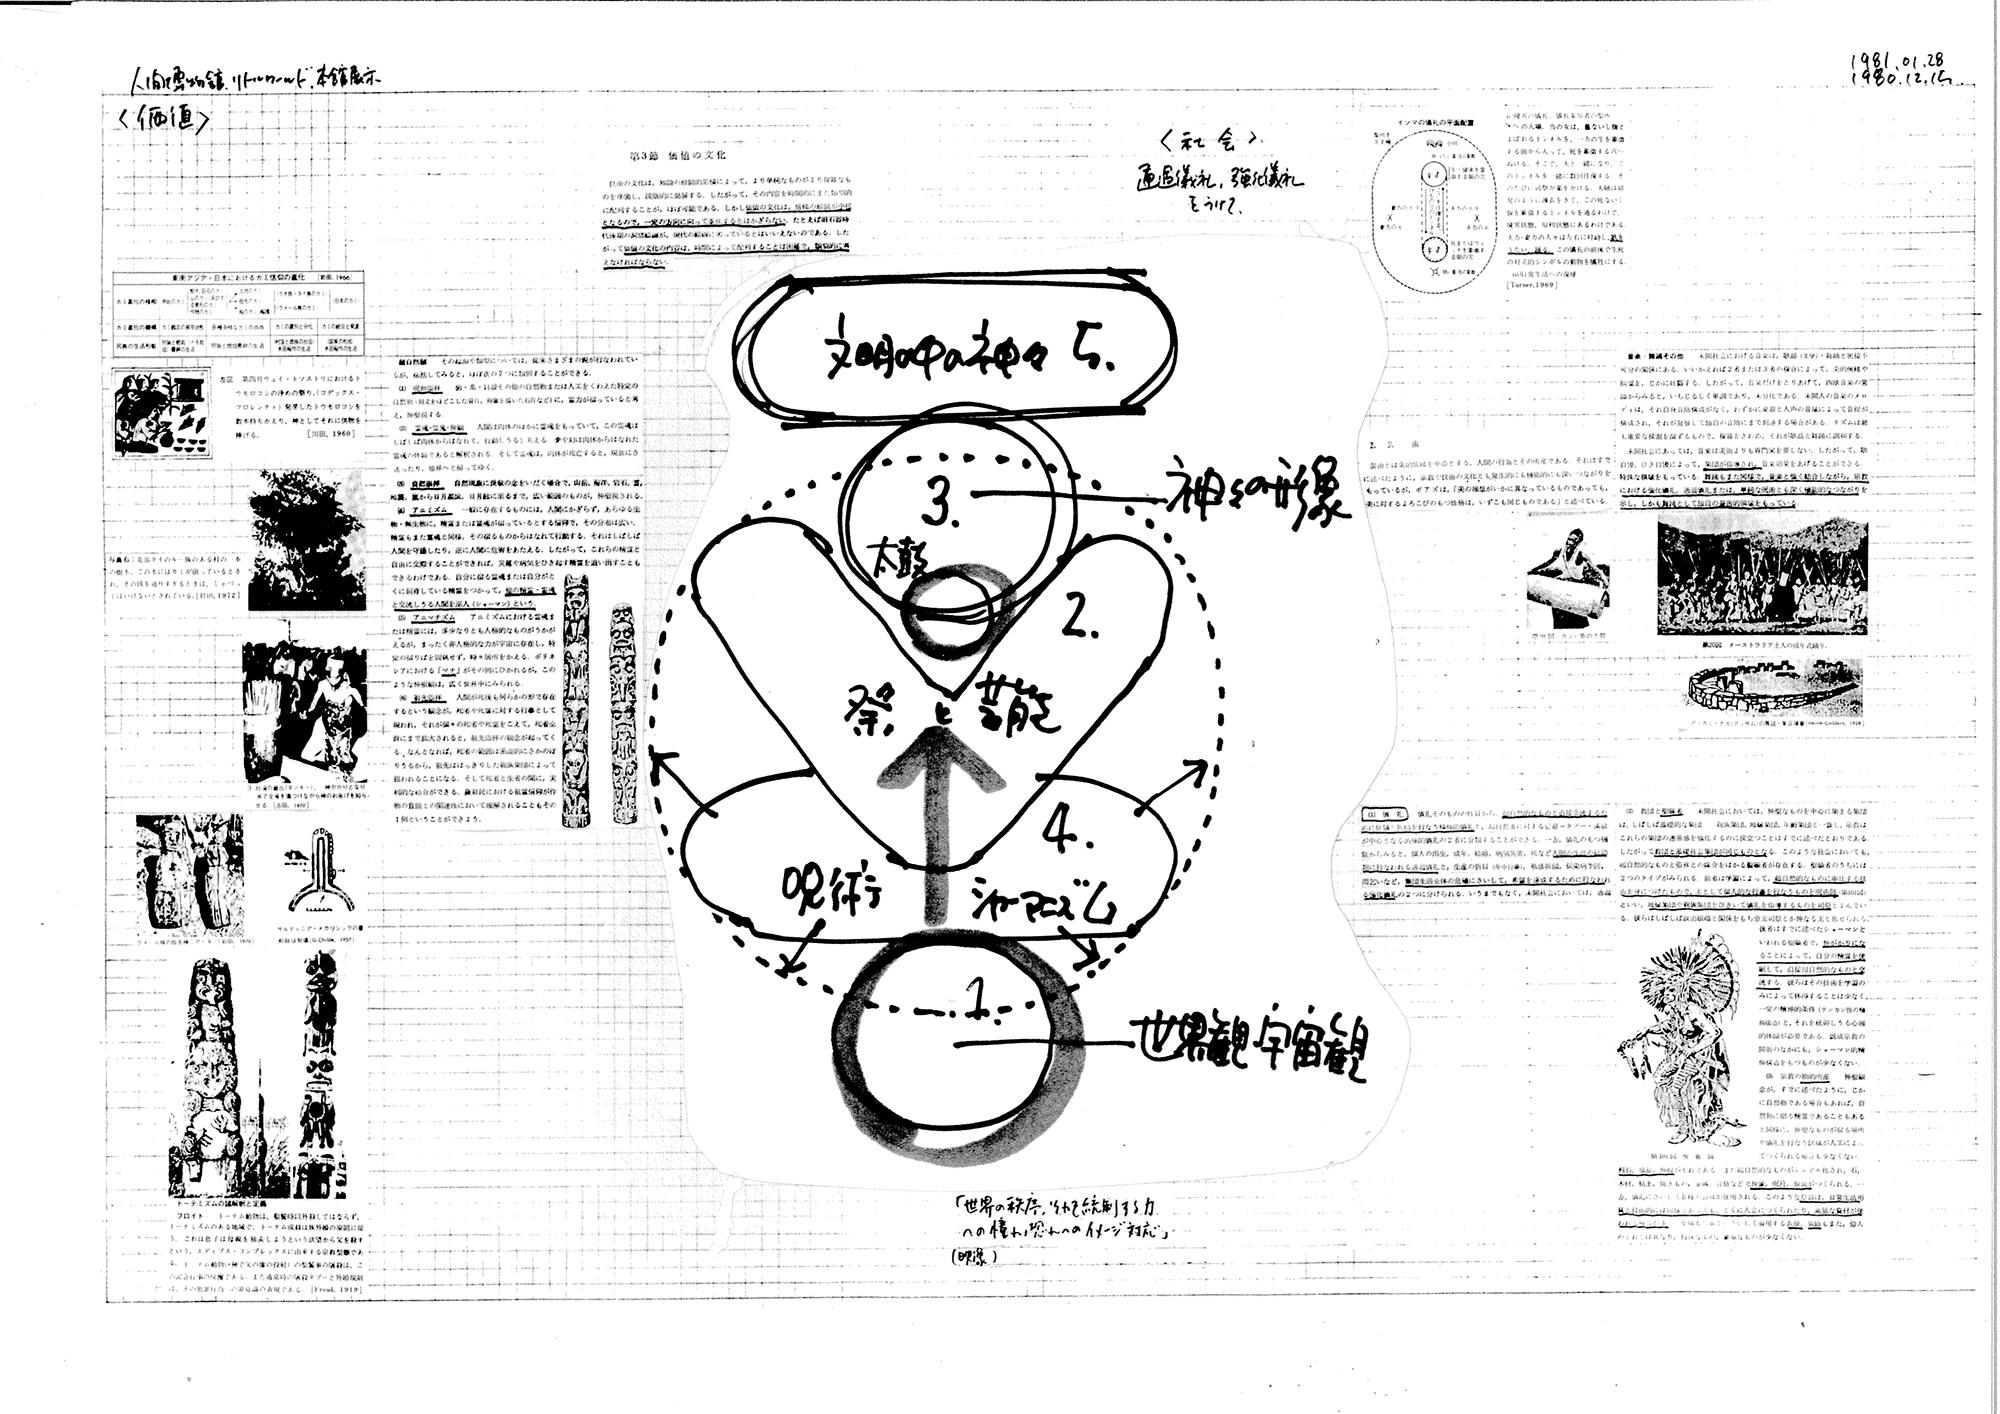 江戸東京博物館などの空間デザインでも知られる田中俊行のメモ。